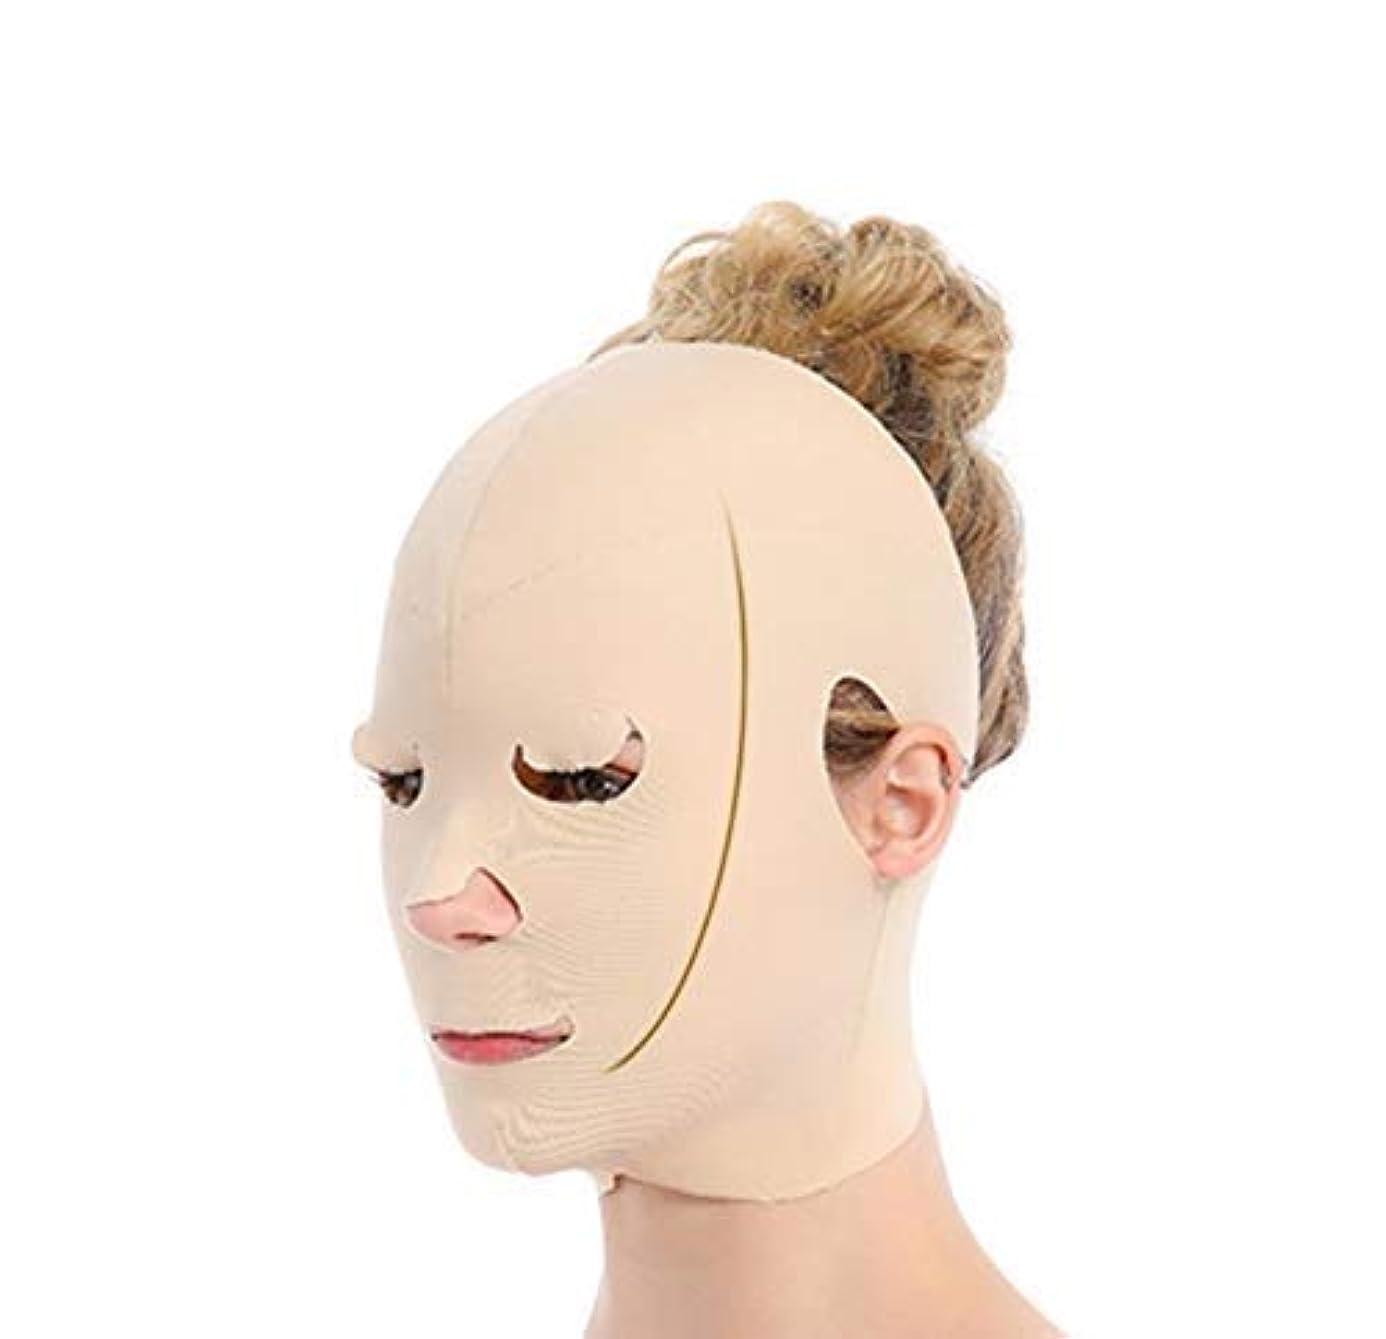 改善デコードする画面小さな顔ツールV顔包帯薄い顔美容マスク怠zyな睡眠マスク男性と女性V顔包帯整形リフティングファーミングフェイスシンダブルチン